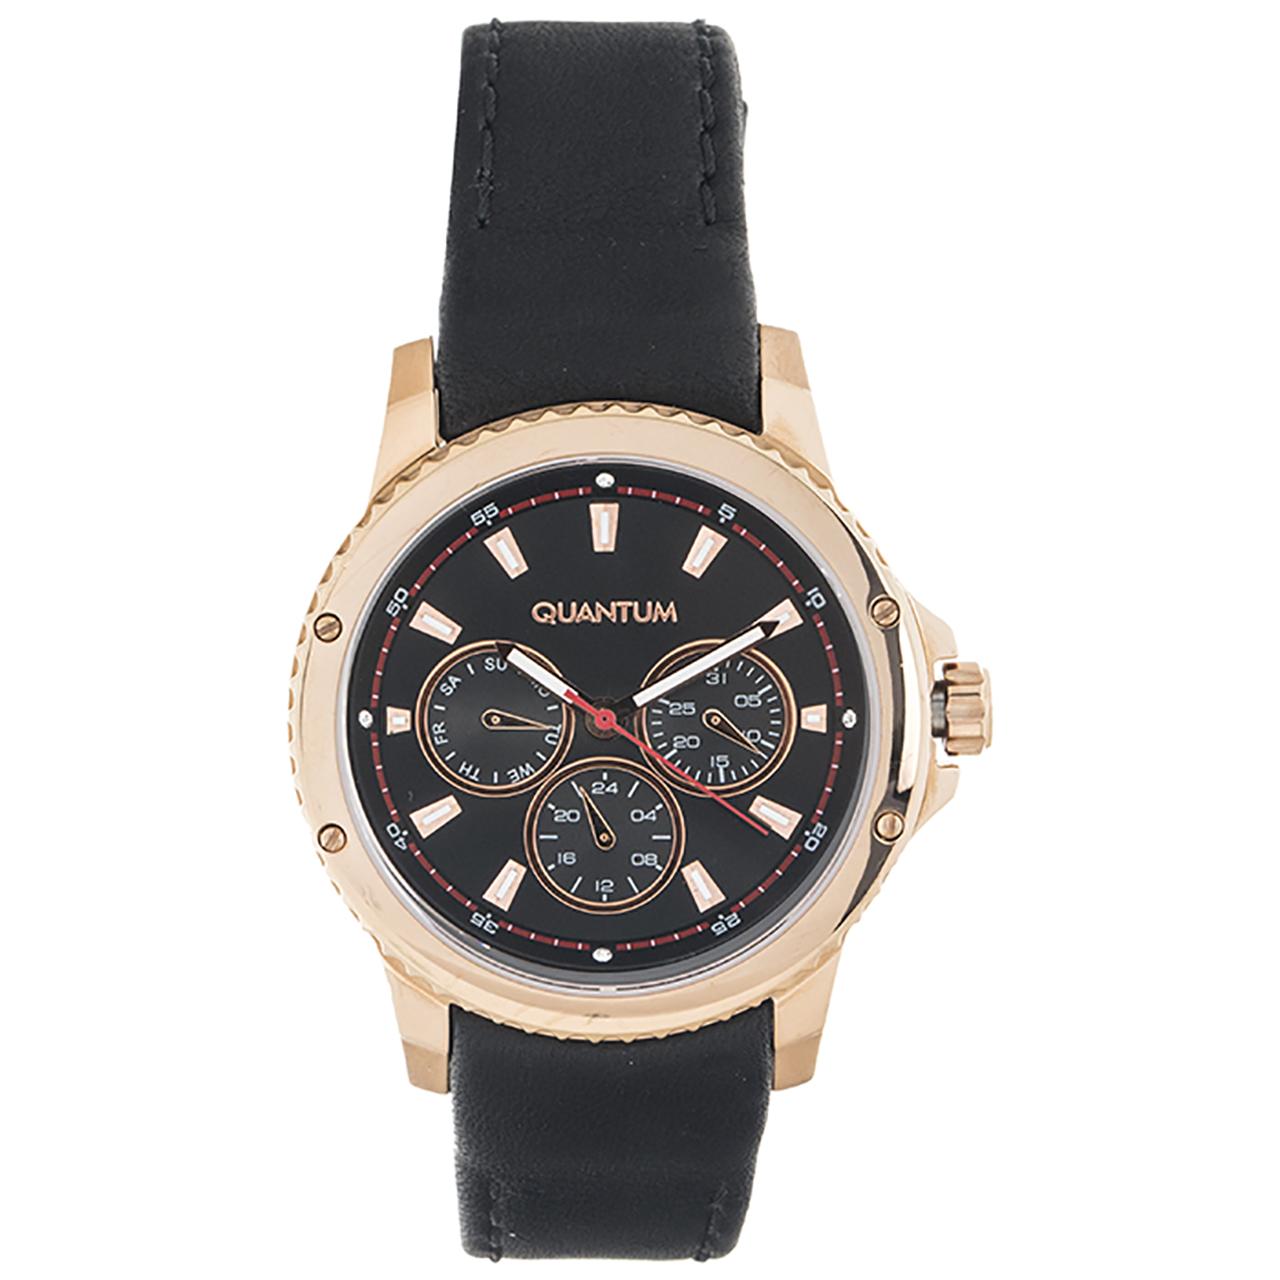 ساعت مچی عقربه ای زنانه کوانتوم مدل IML464.499 1